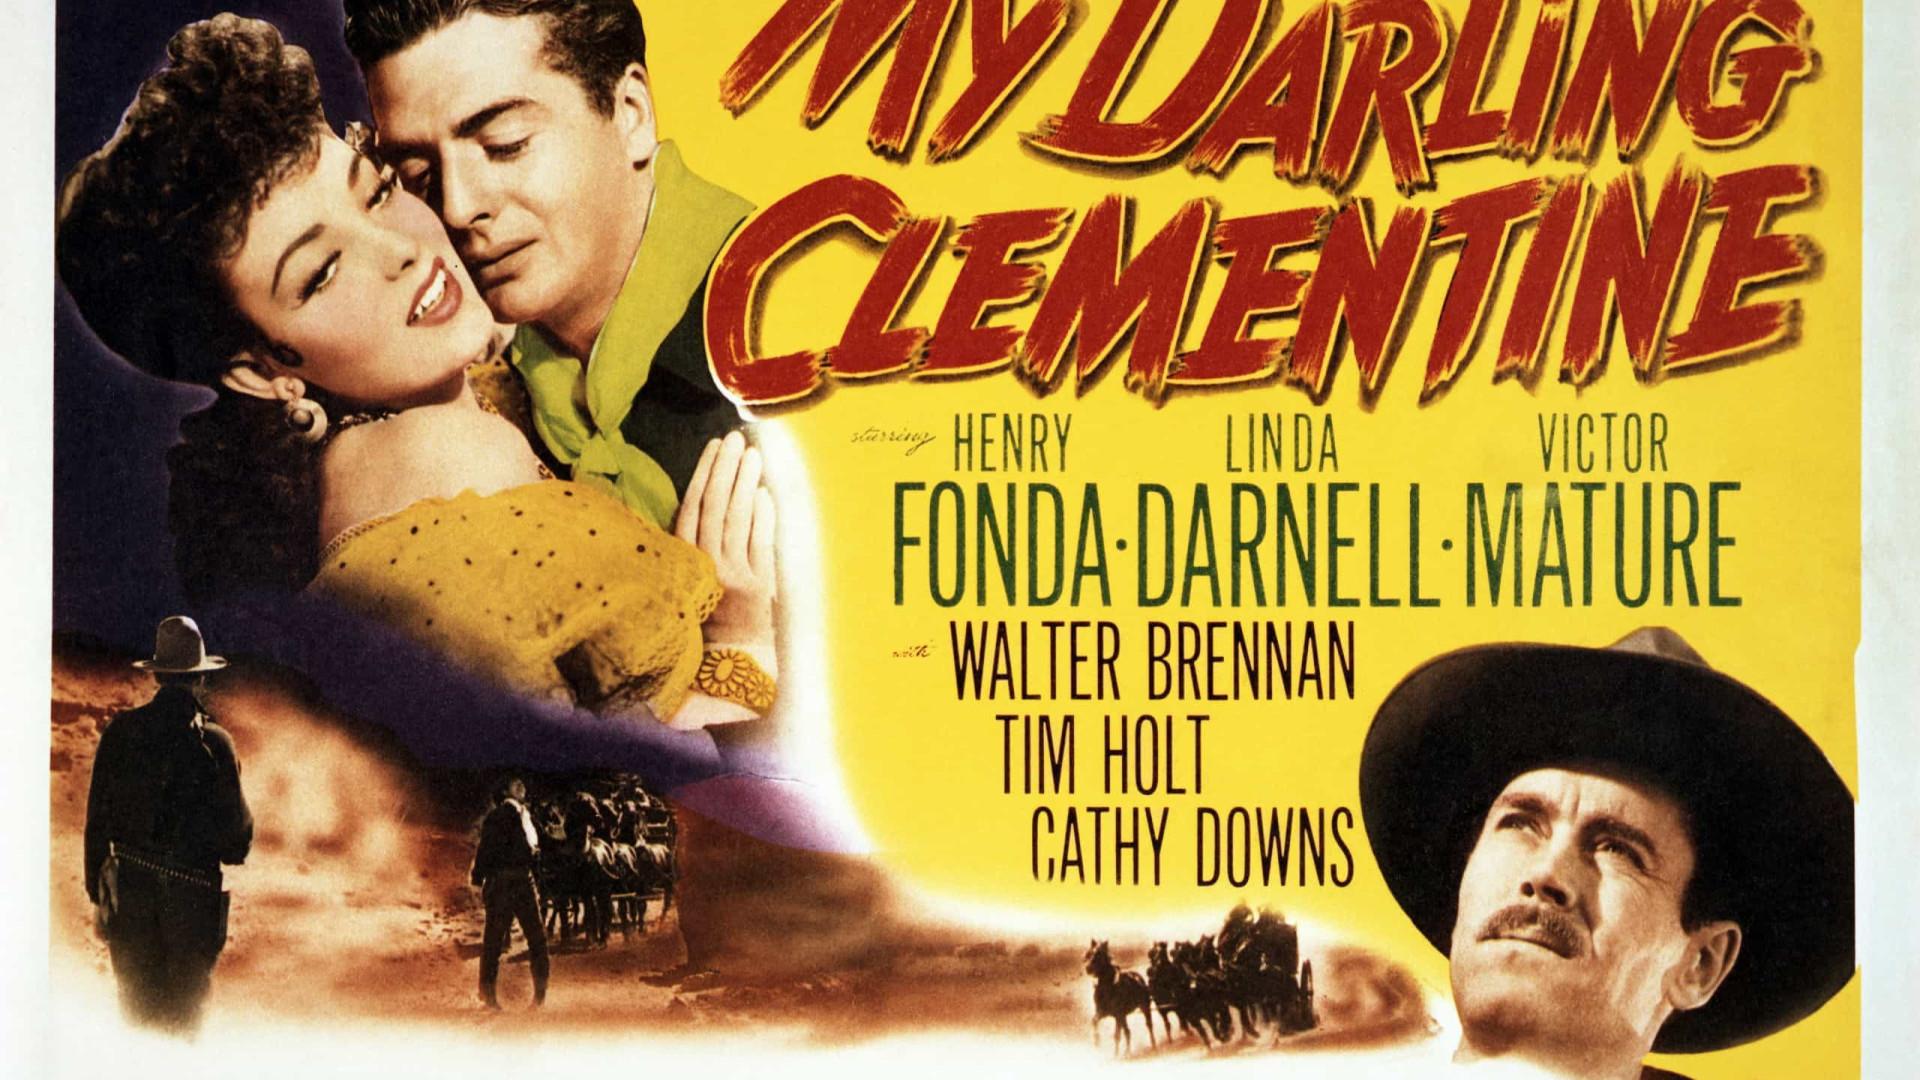 Arte de cartazes de filmes western antigos